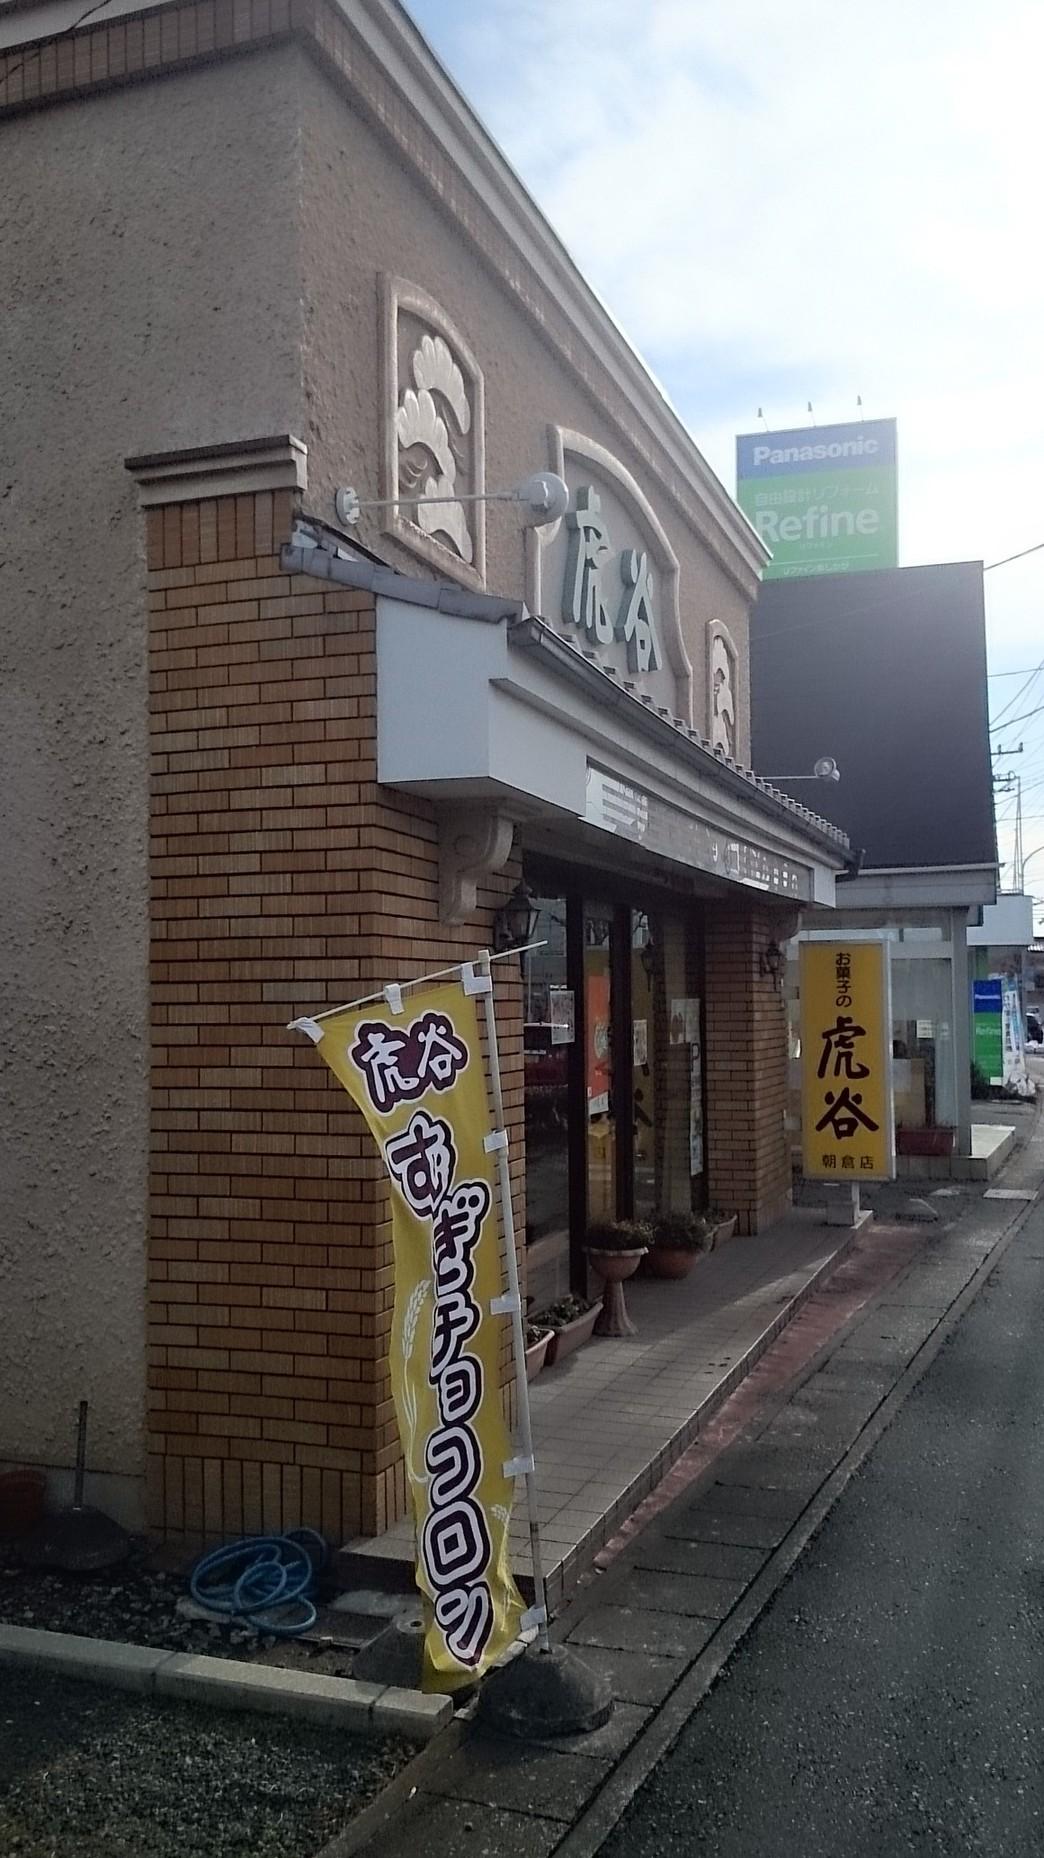 虎谷 朝倉店 name=